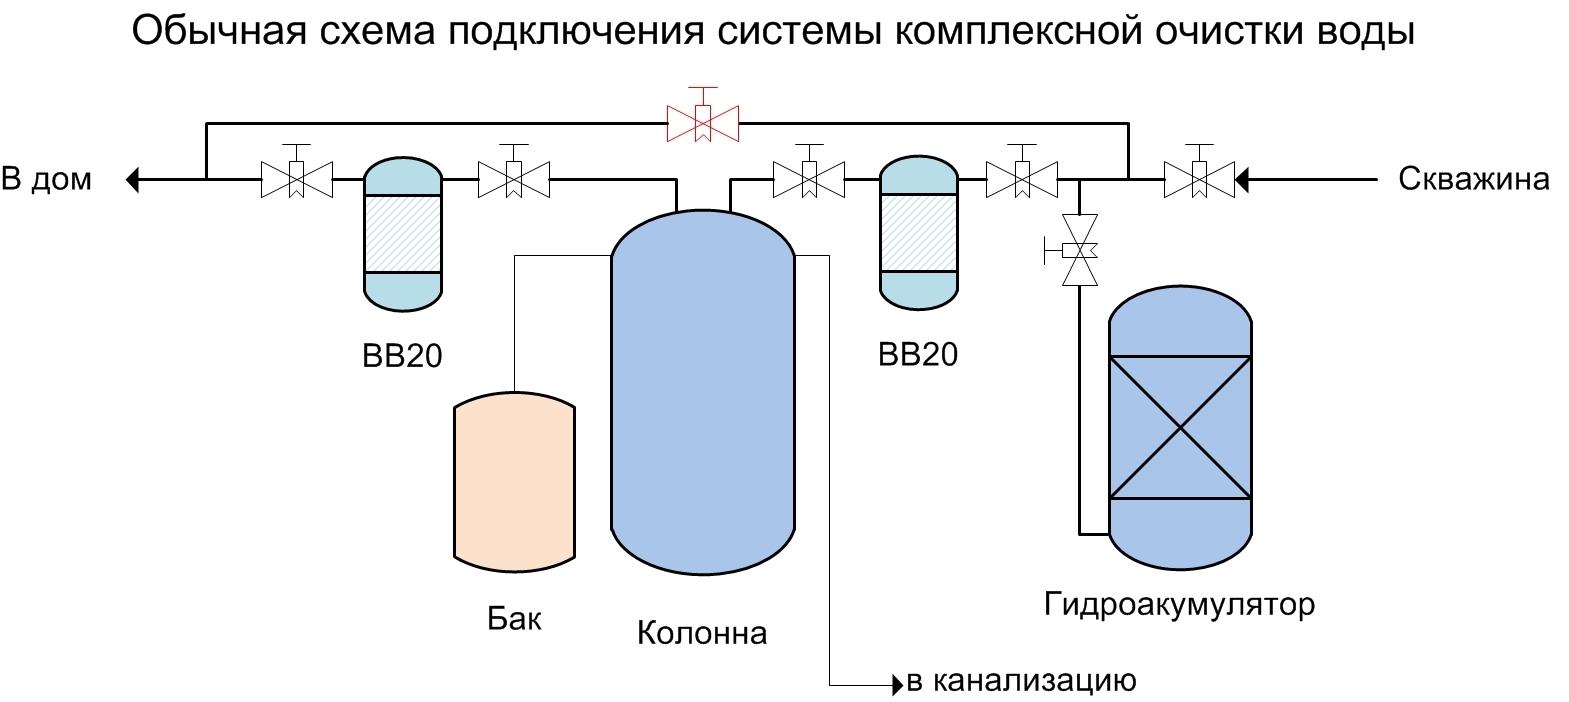 Схема подключения системы умягчения воды